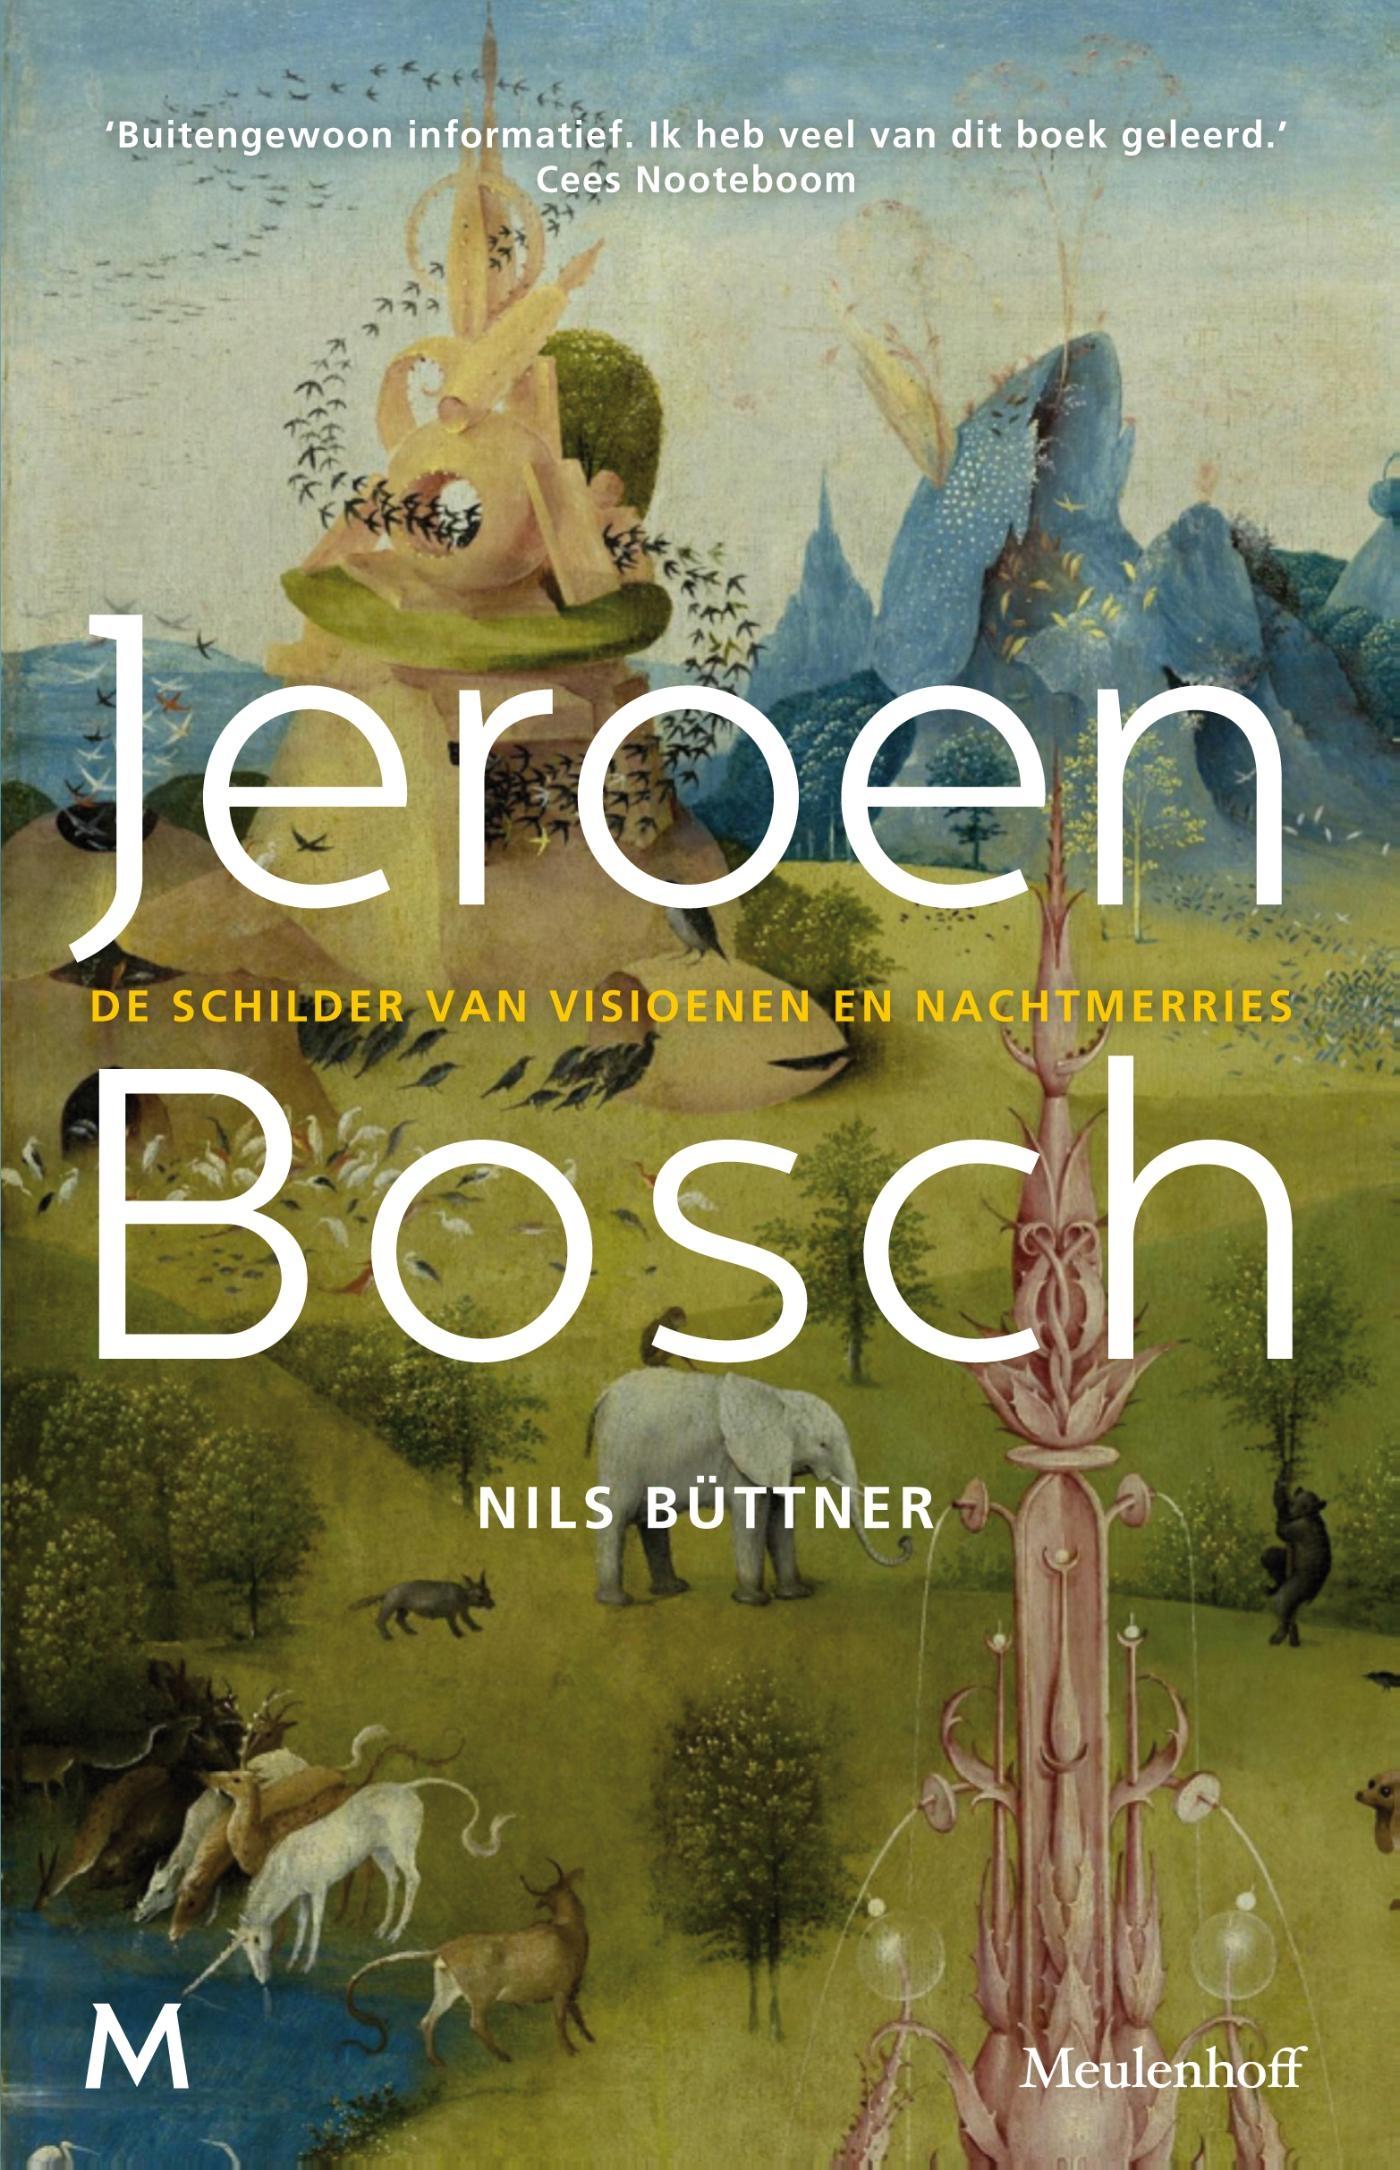 Jeroen Bosch – Nils Büttner